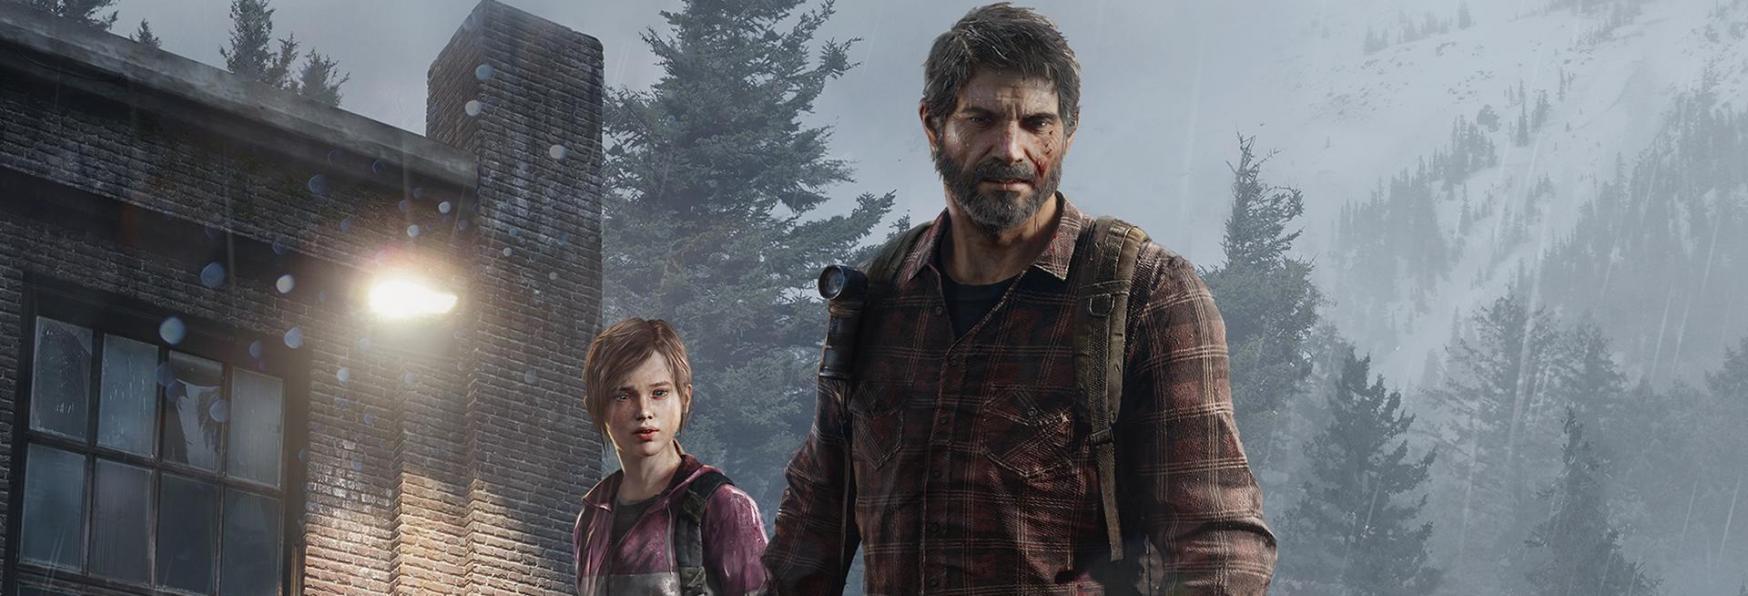 The Last of Us: una Nuova Foto con Pedro Pascal dal Set della Serie TV